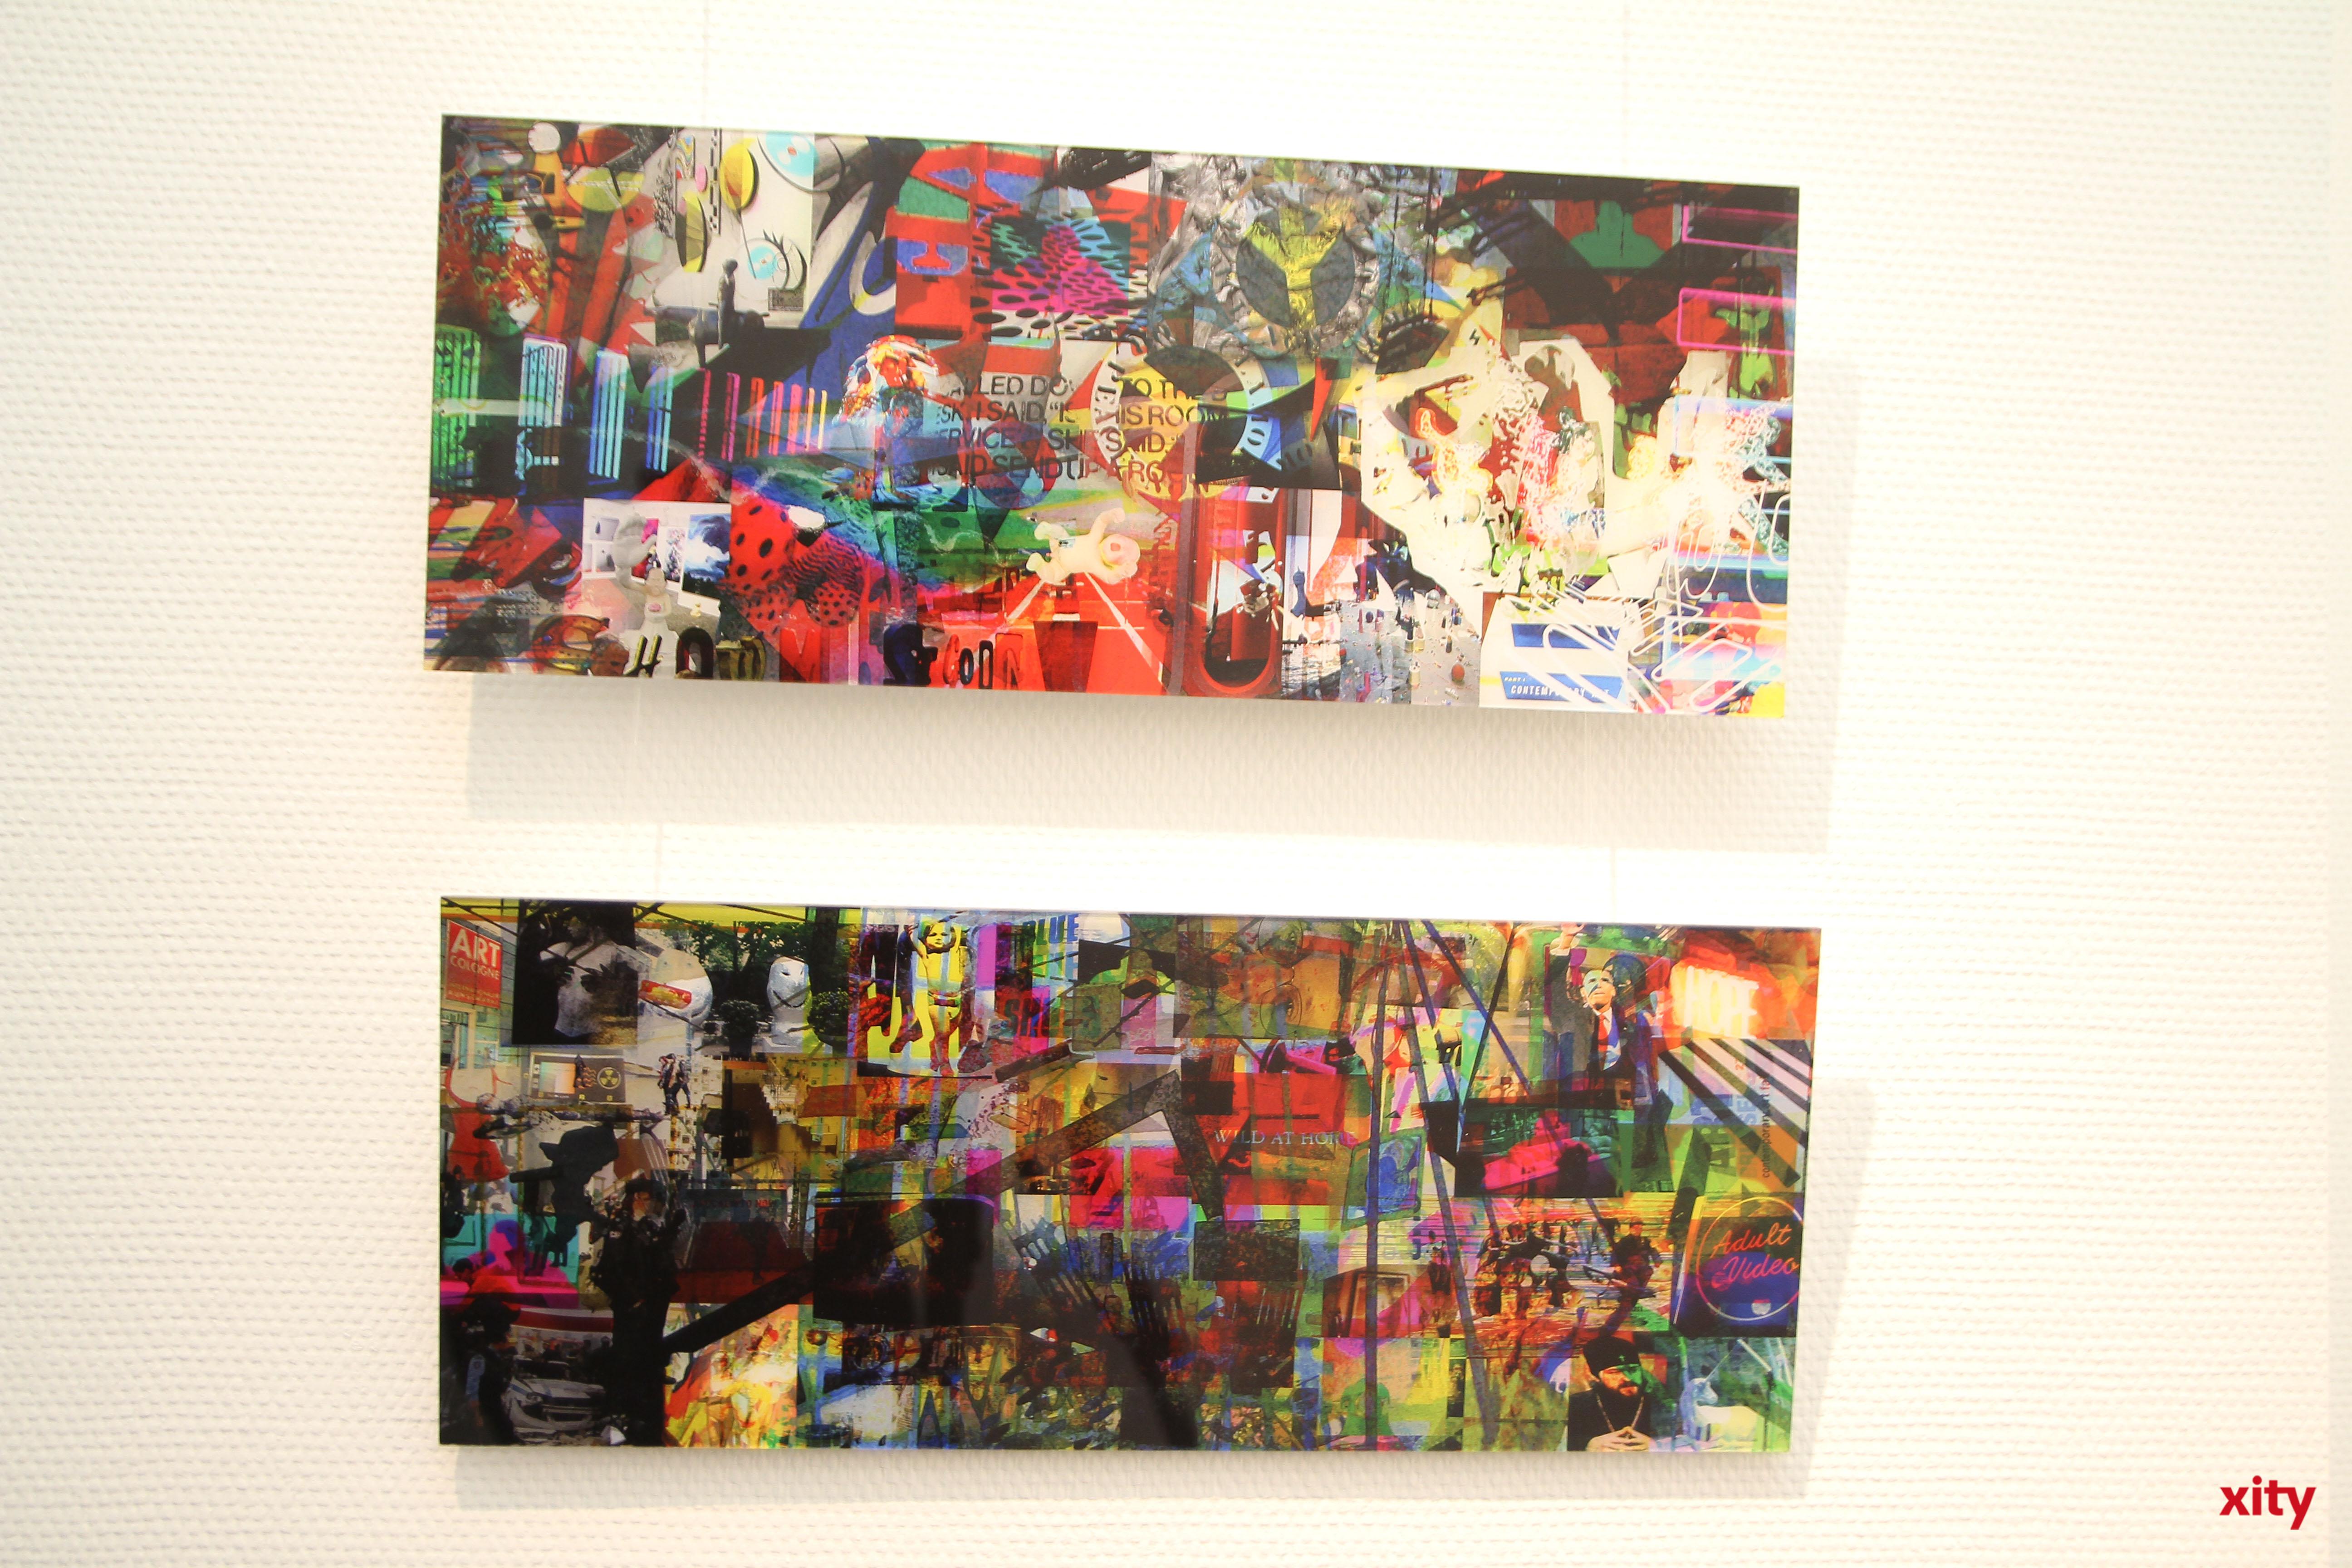 André Yuens Arbeiten sind voller Asiatischer, Europäischer und US-Amerikanischer Einflüsse (Foto: x